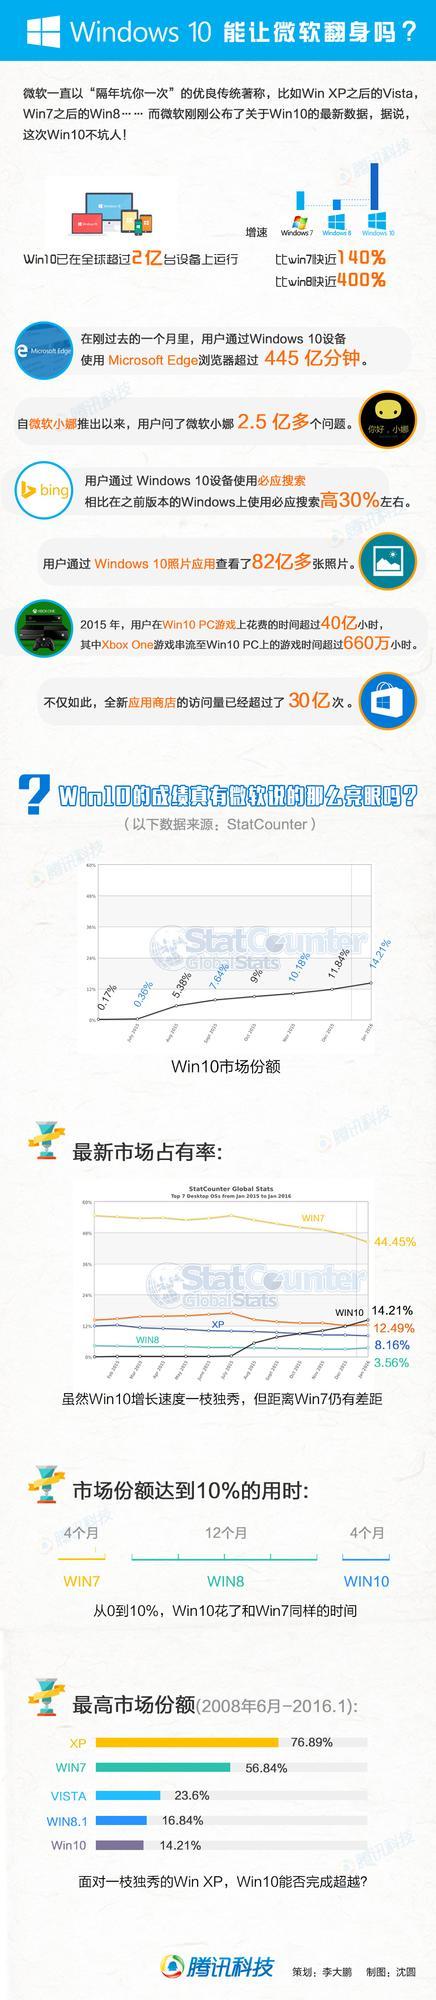 """Win10数据亮眼 能帮微软""""翻身""""吗?"""